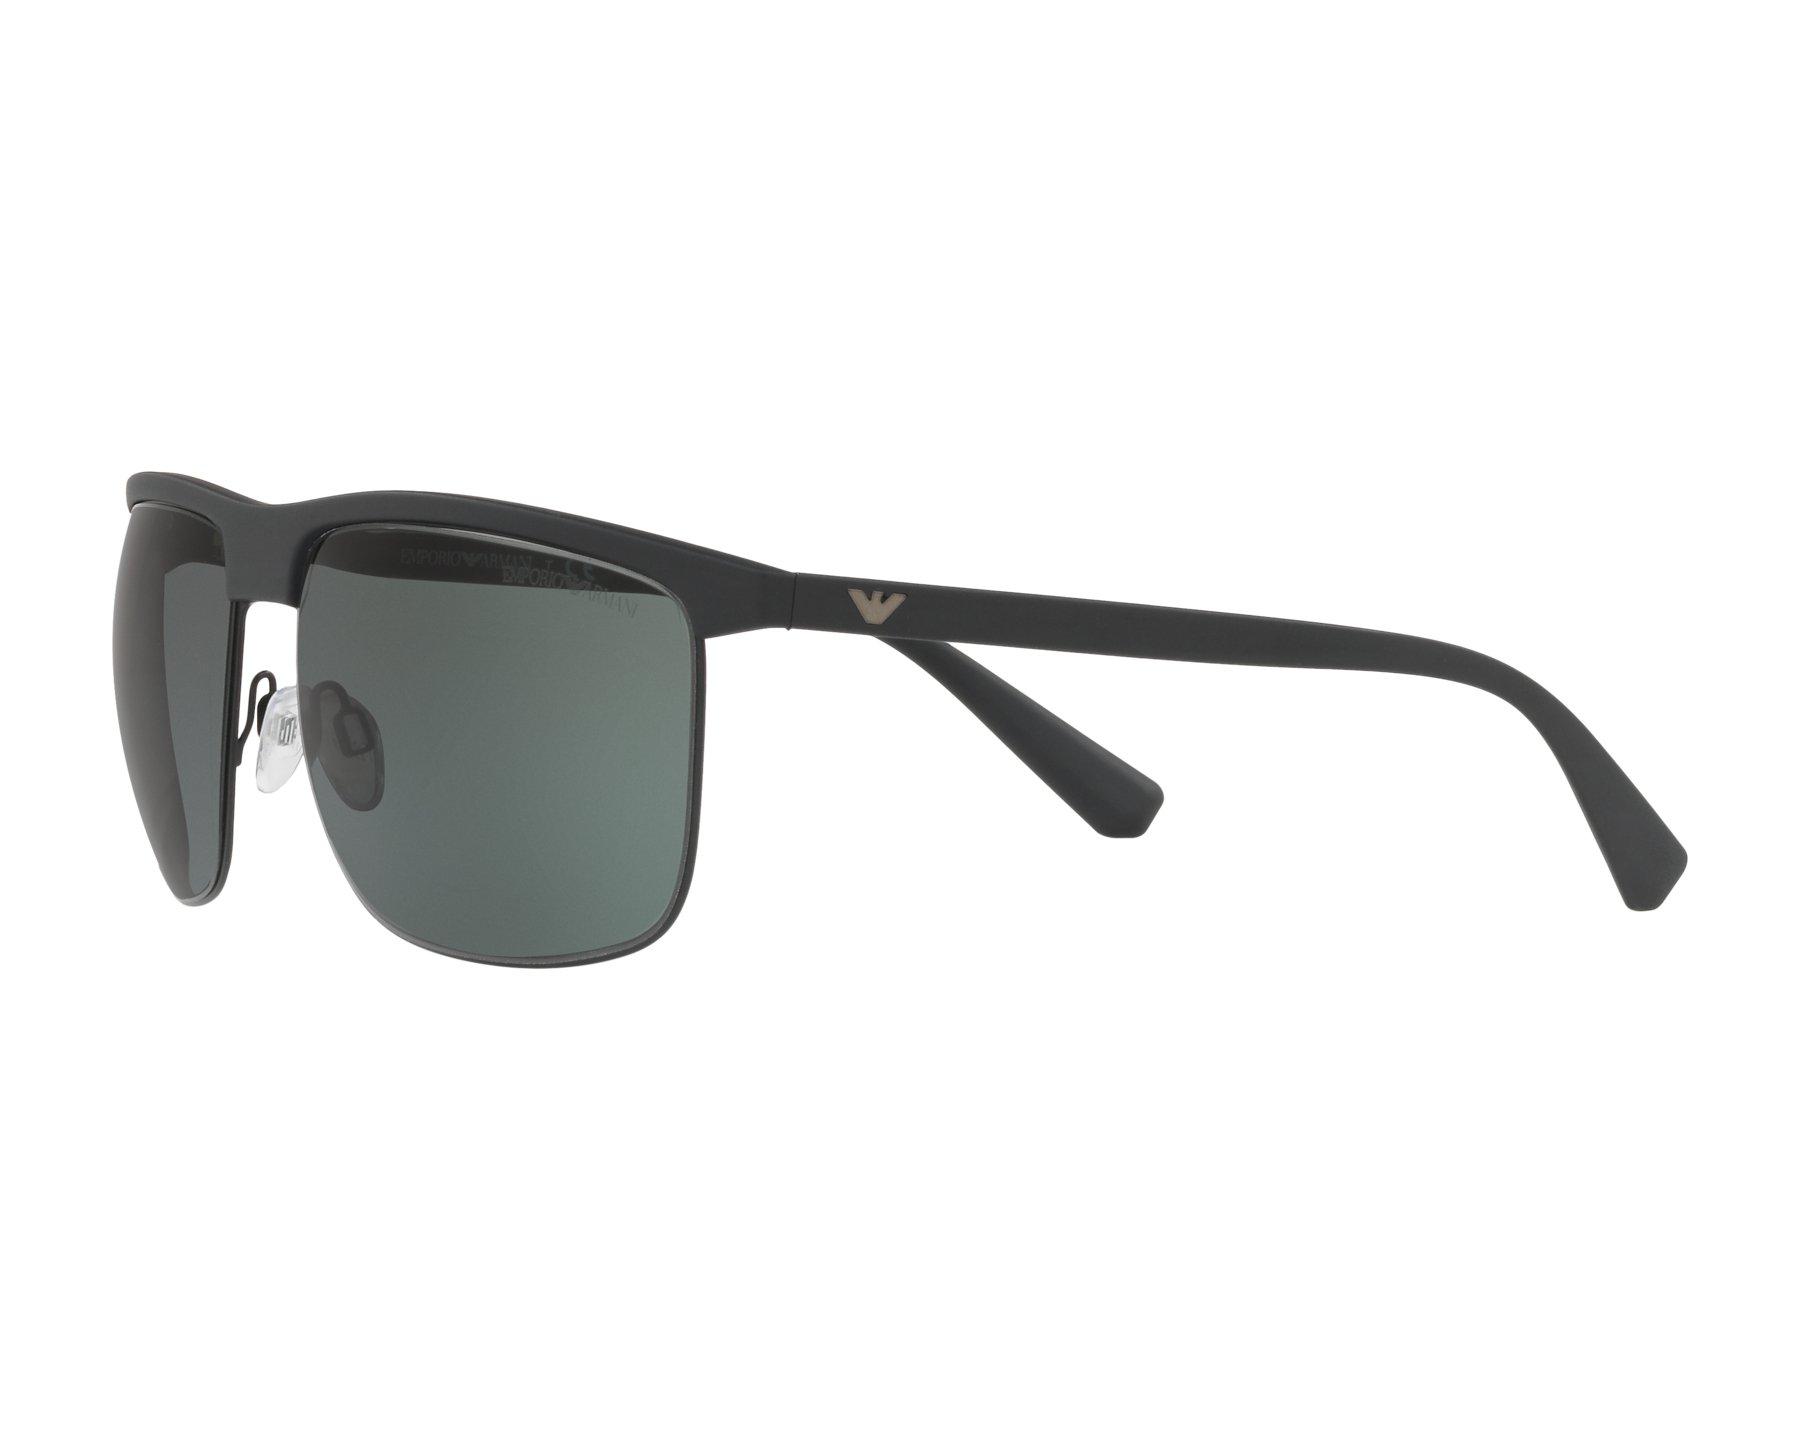 e8dc93bd429 Sunglasses Emporio Armani EA-4108 504271 60-16 Black Gun 360 degree view 3